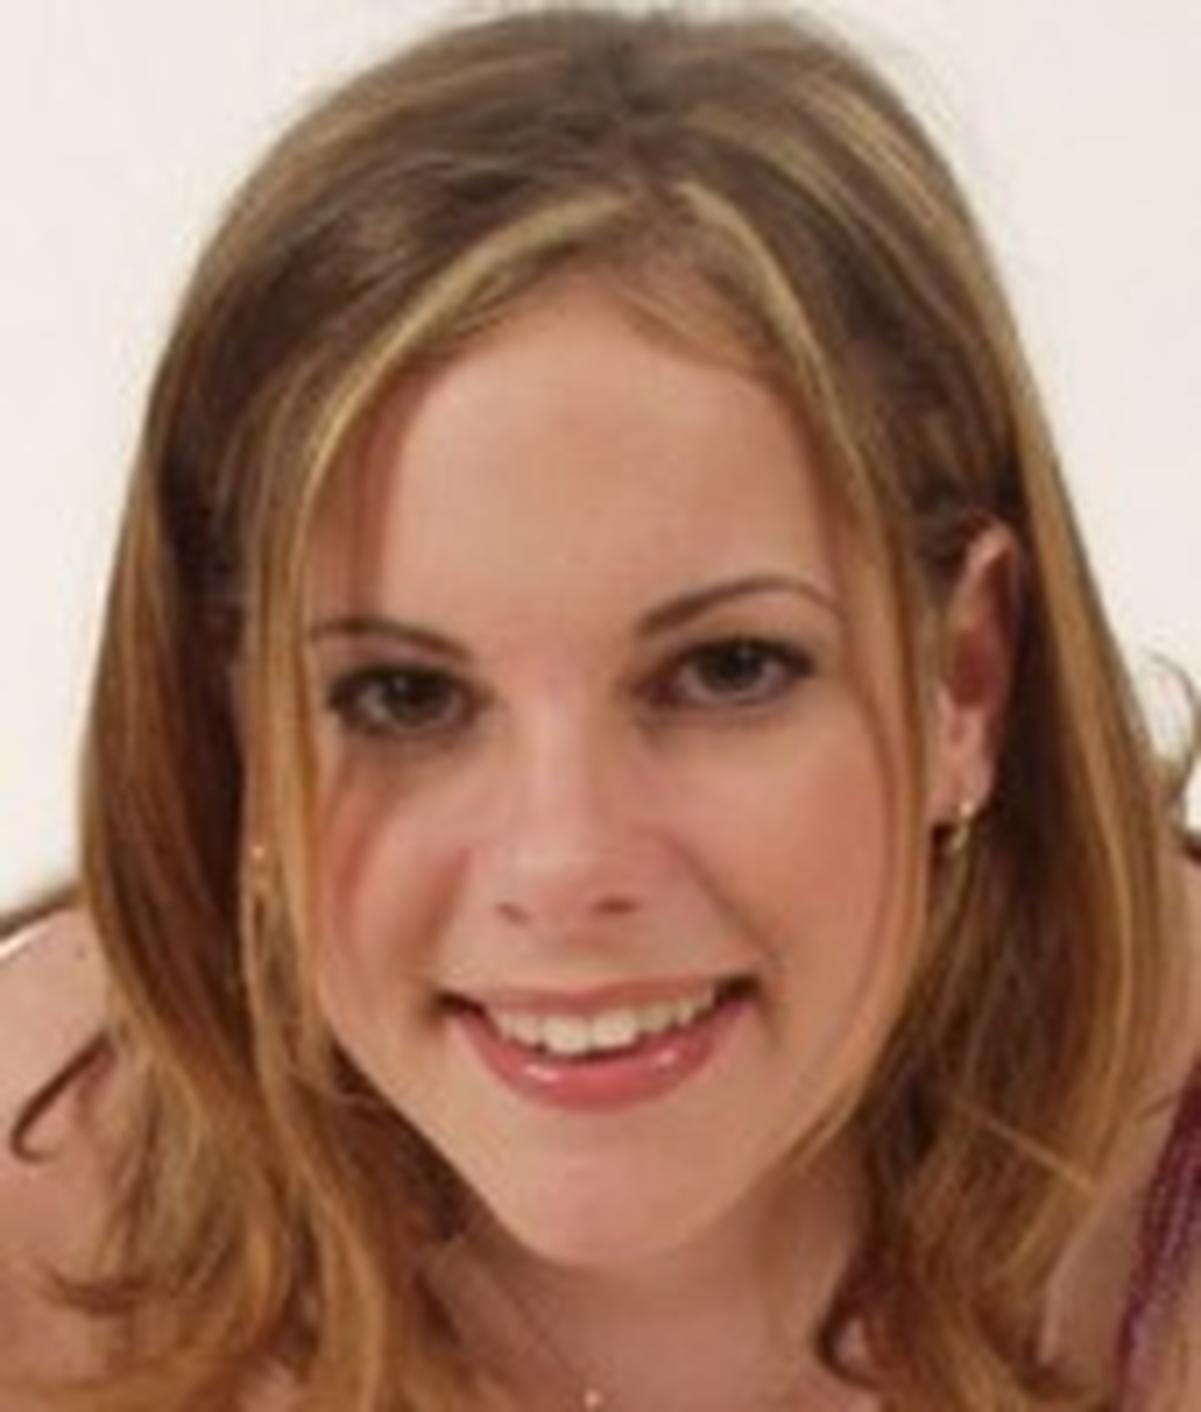 Tina Holly